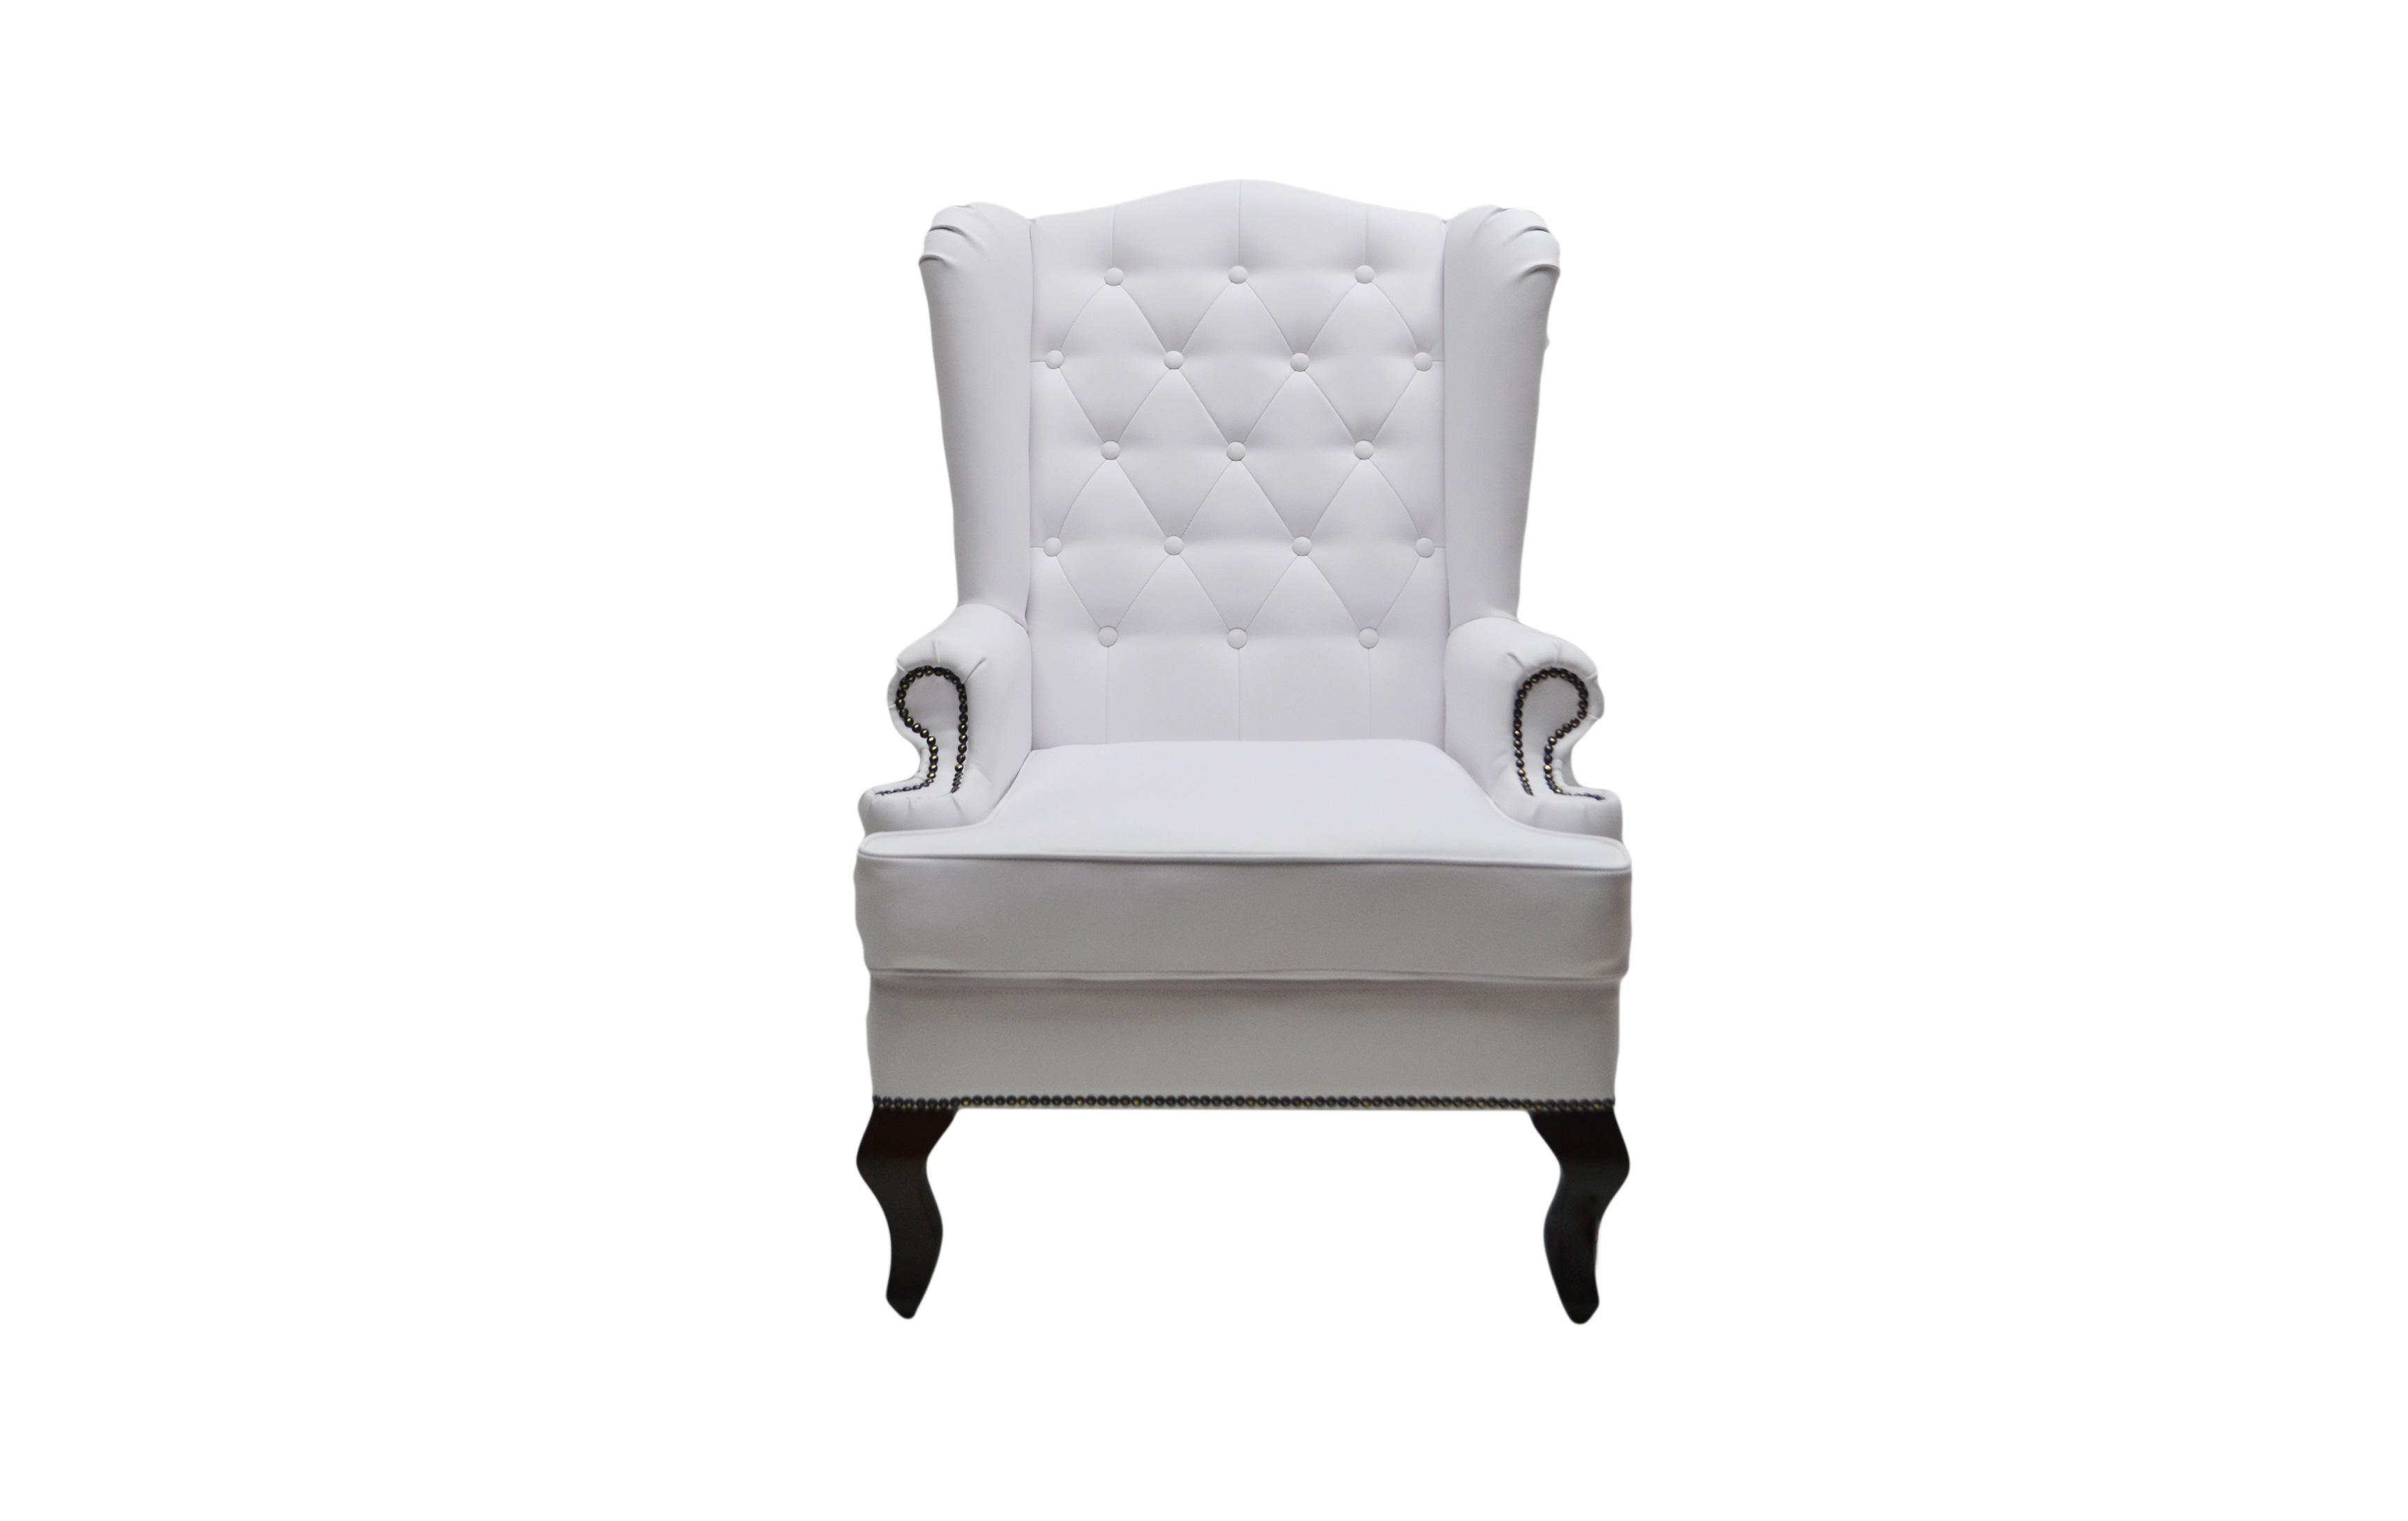 Каминное креслоКресла с высокой спинкой<br>Каминное кресло – мягкий предмет мебели повышенной комфортности с высокой спинкой, оно рассчитано на отдых возле домашнего очага. Его конструкция, как и много лет назад, почти не изменилась.<br>Каминное кресло с ушами (выступами на уровне головы), имеет каркас из дерева, гнутые ножки и мягкие подлокотники. Впервые такую модель сделали в Англии в XVII веке. Пожилых людей своеобразные крылья уберегали от сквозняков, в гостиной они предохраняли от залетания искр из камина. Отсюда появилось название такой модели – каминное кресло в английском стиле. Еще оно именуется на родине «крылатым», «дедушкиным».&amp;lt;div&amp;gt;&amp;lt;br&amp;gt;&amp;lt;/div&amp;gt;&amp;lt;div&amp;gt;Материал: Экокожа&amp;lt;/div&amp;gt;<br><br>Material: Кожа<br>Length см: None<br>Width см: 73<br>Depth см: 70<br>Height см: 110